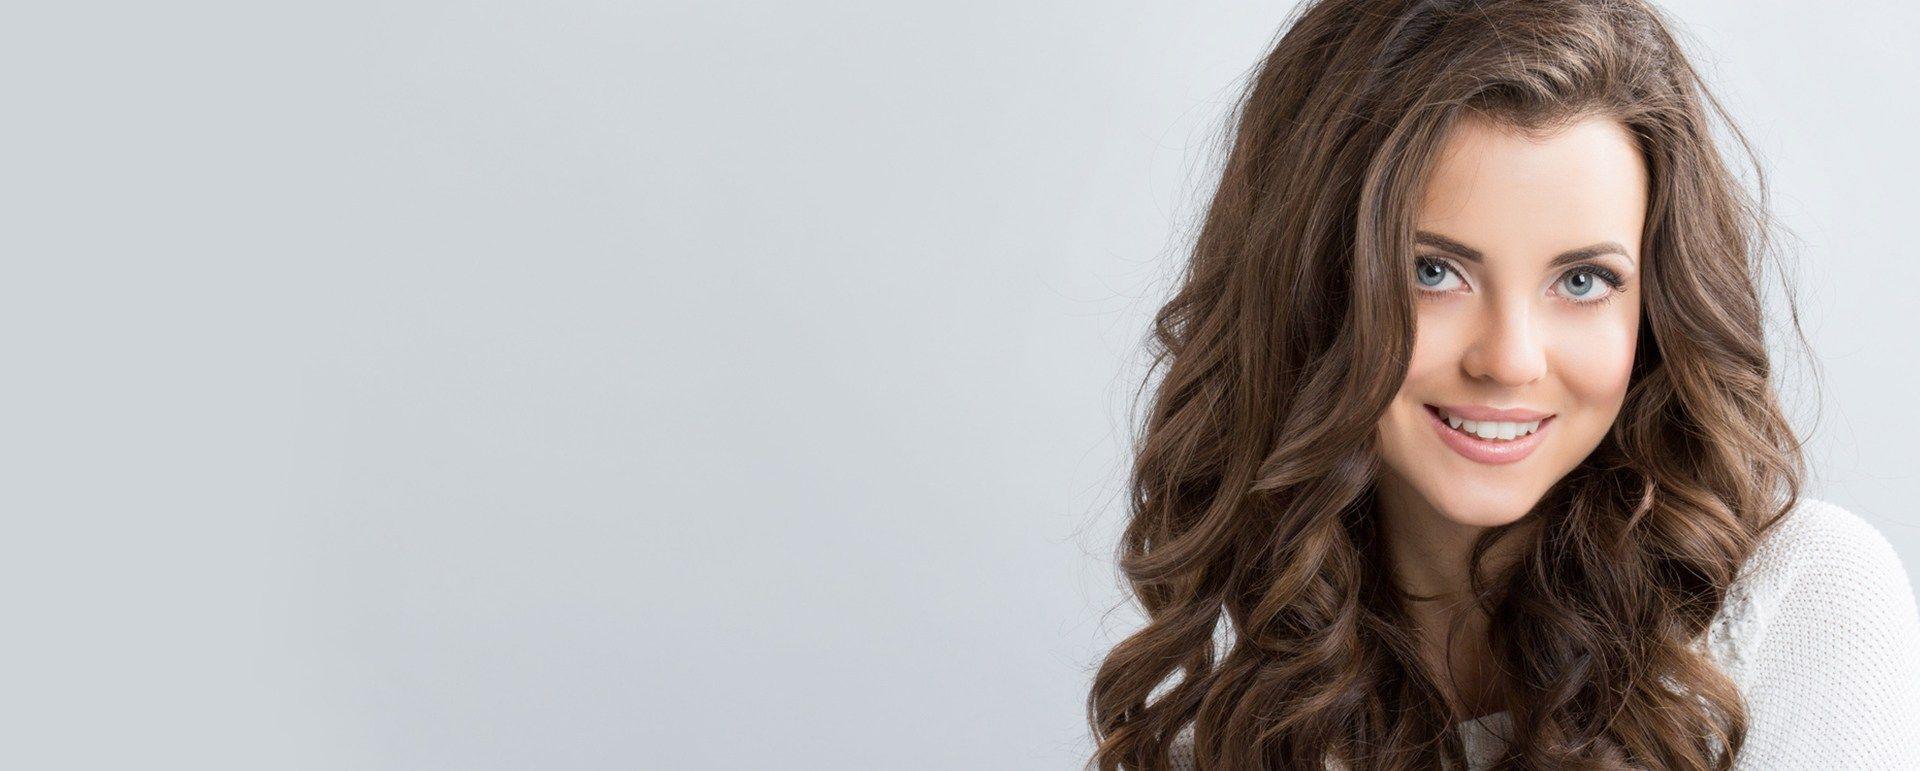 زراعة الشعر للنساء في تركيا بدون حلاقة اثيكانا كلينك